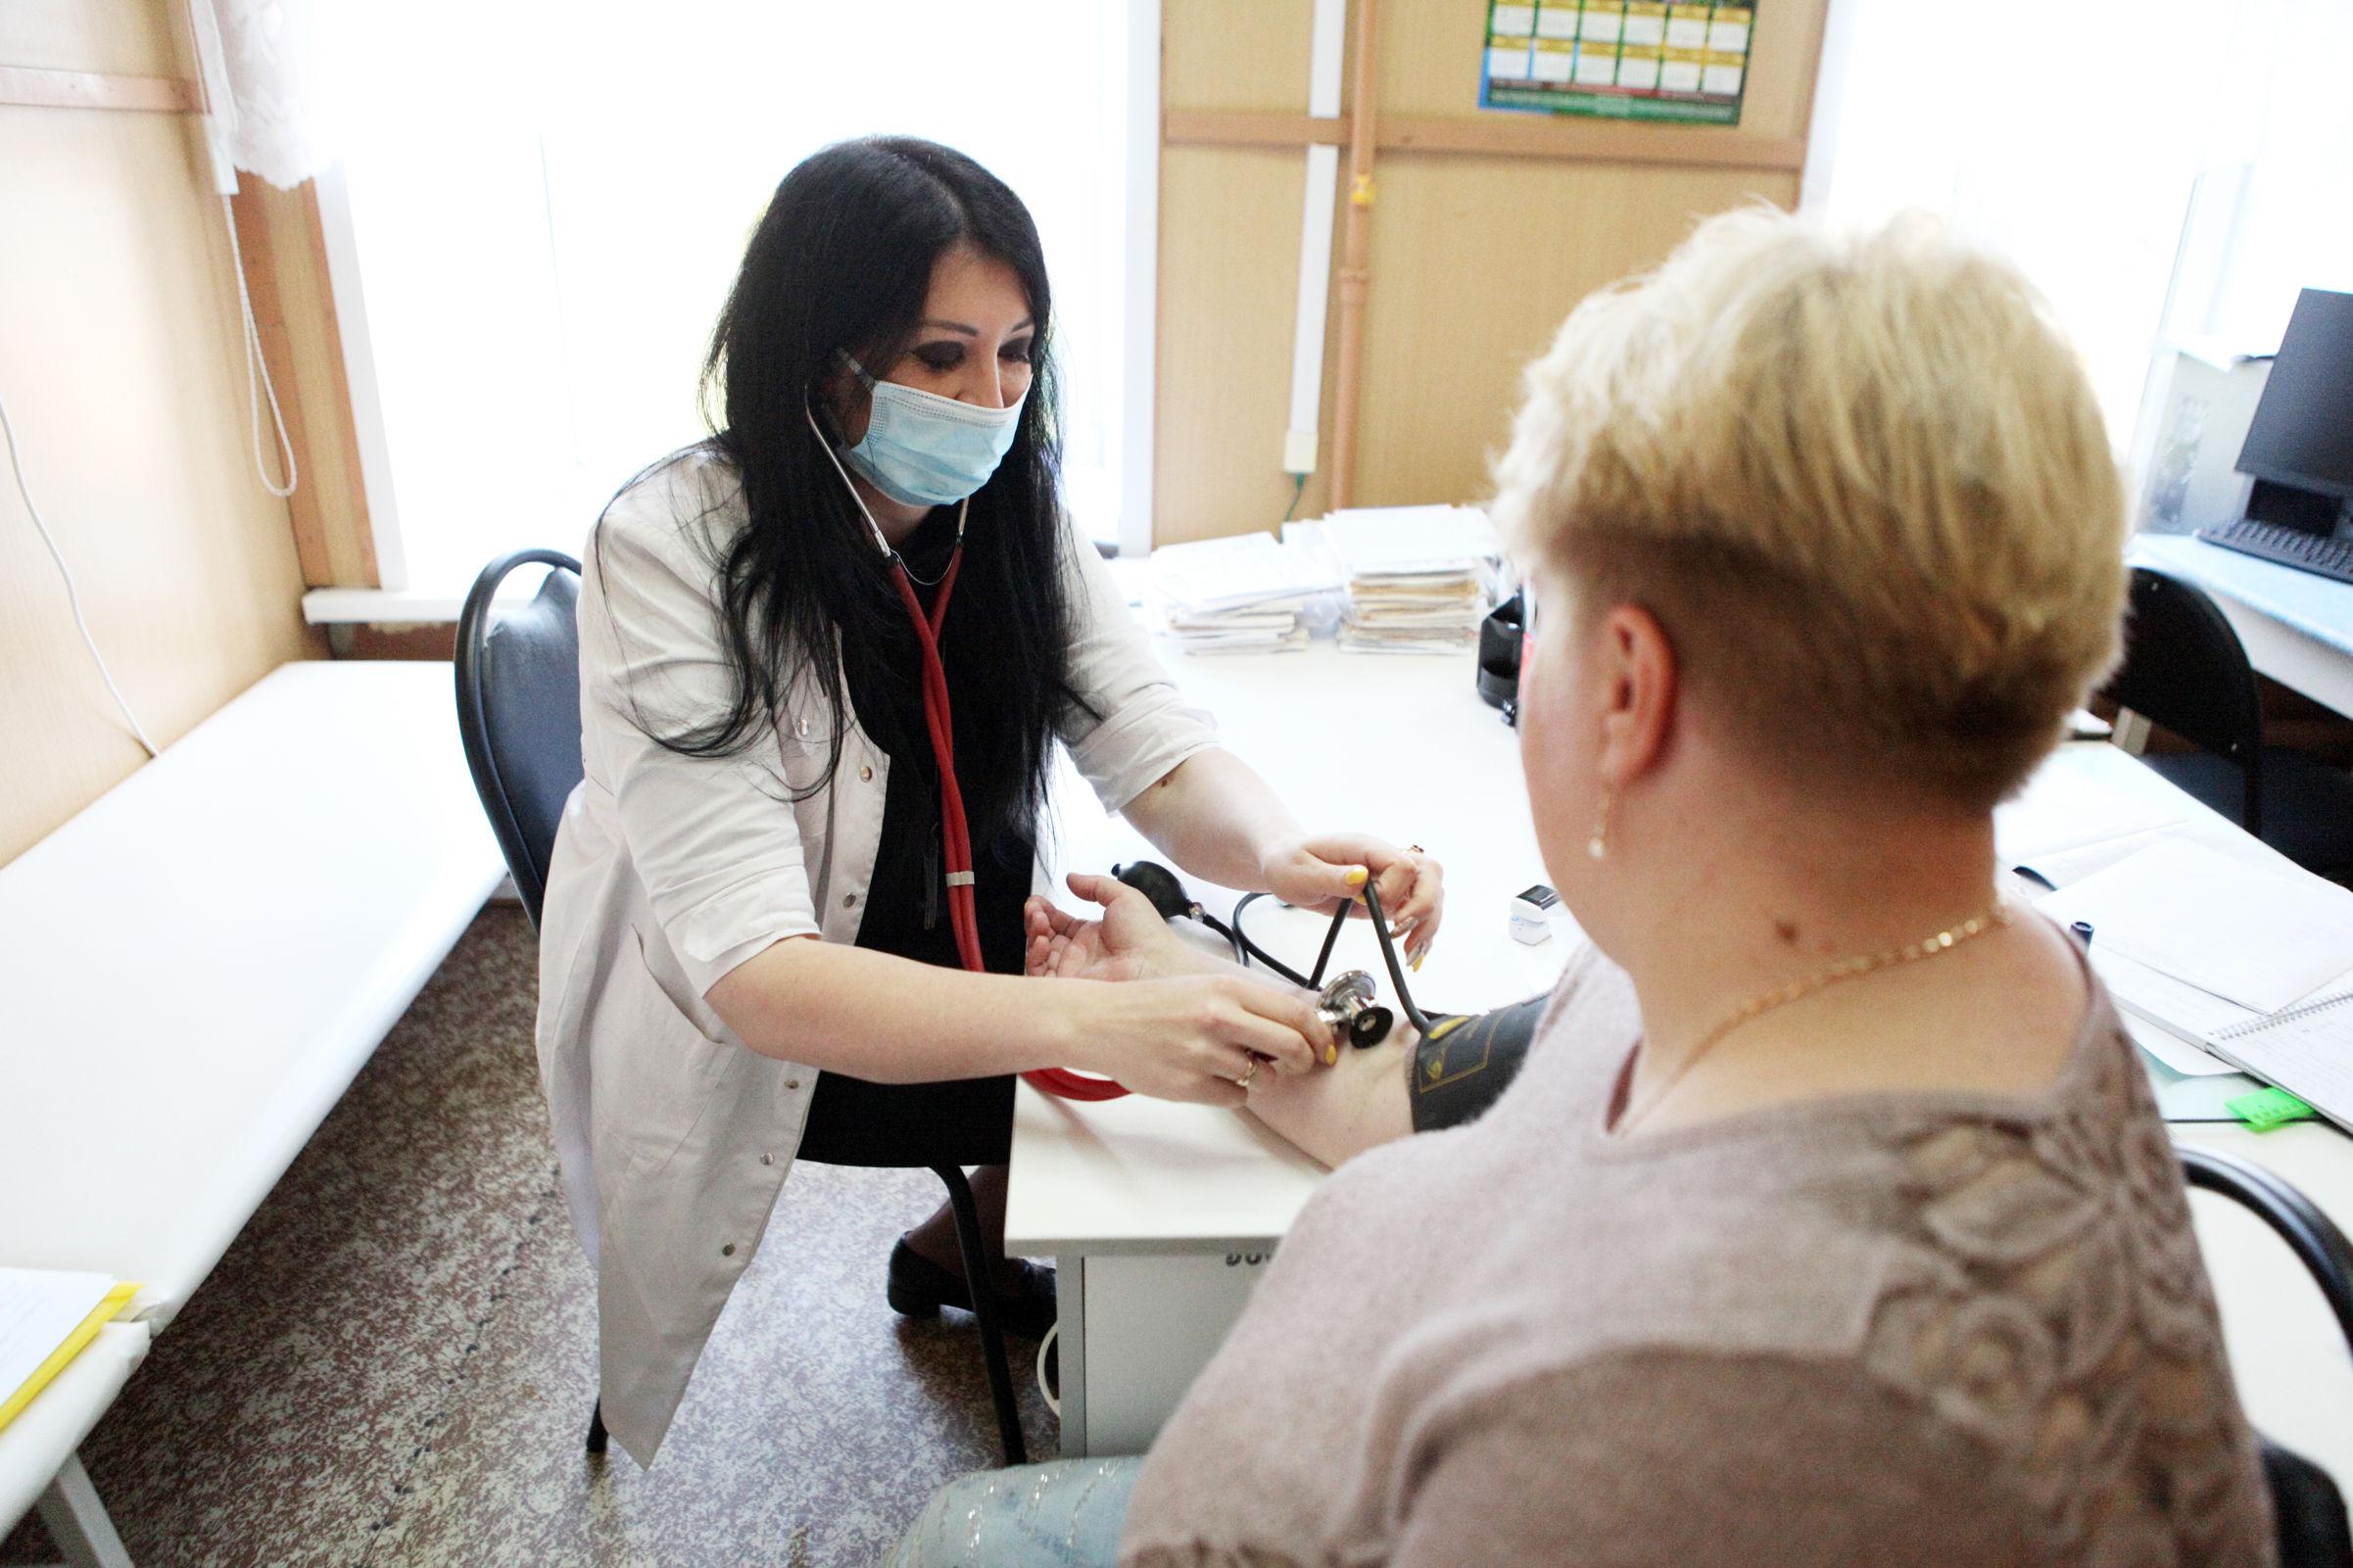 Ярославна рассказала о специфике работы фельдшером в сельской местности